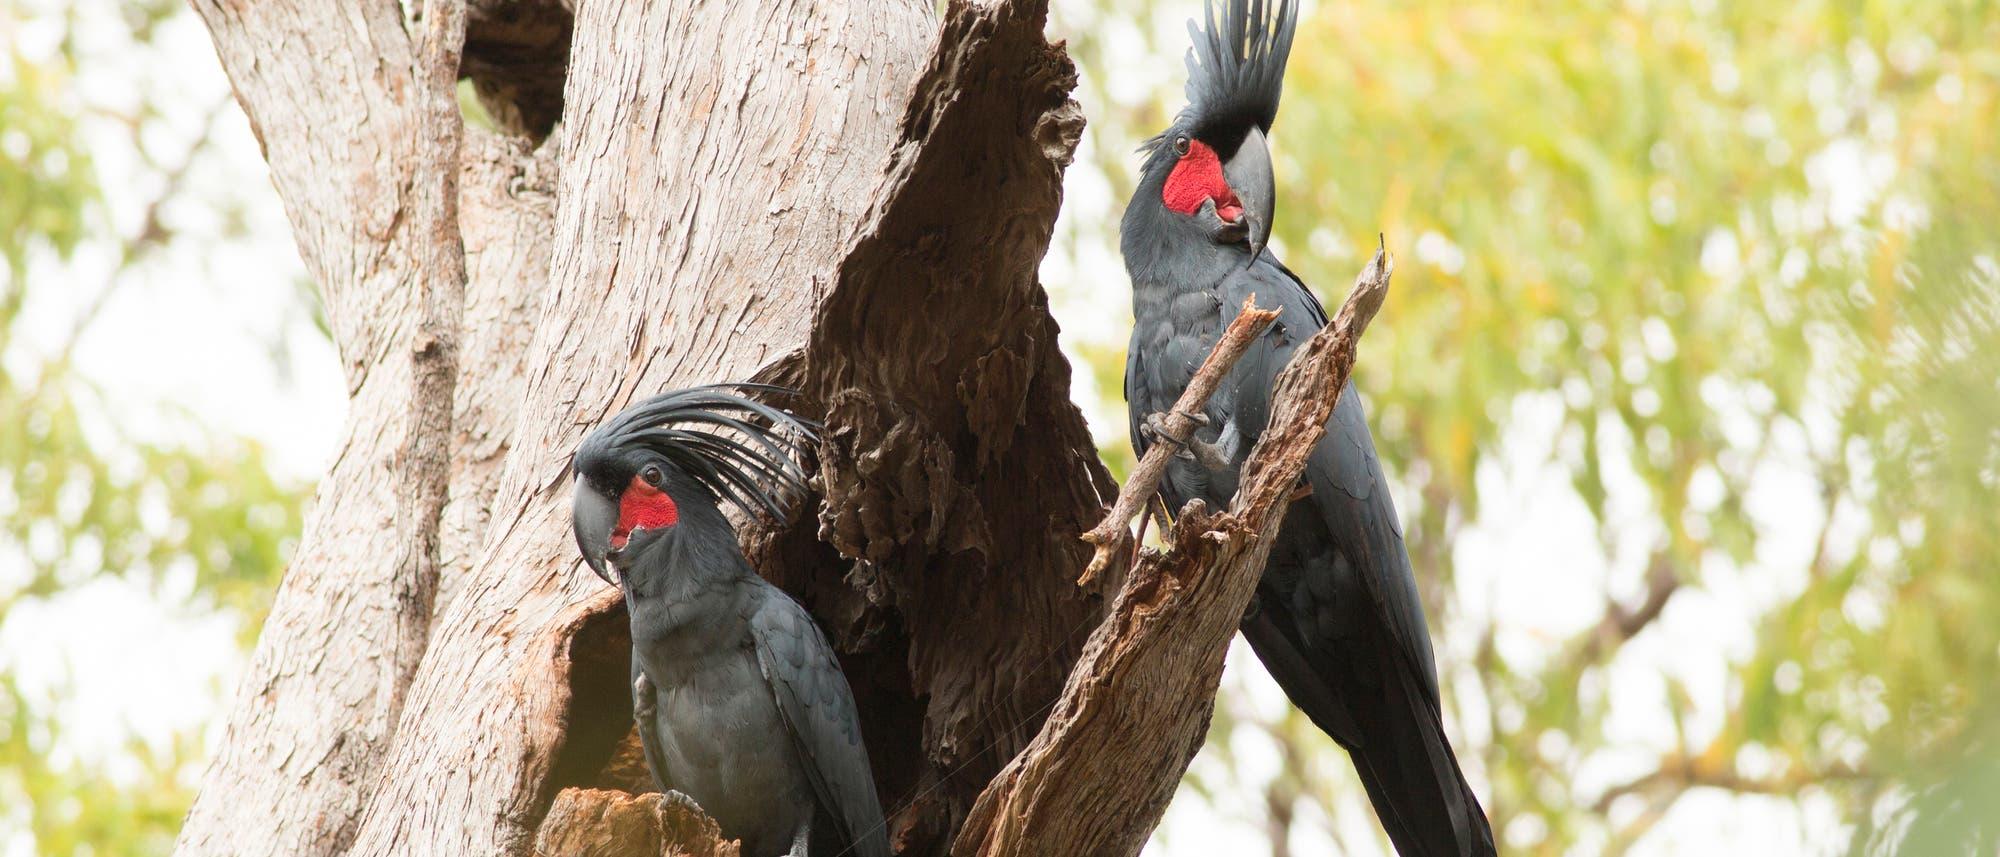 Kakadumännchen trommelt für Weibchen